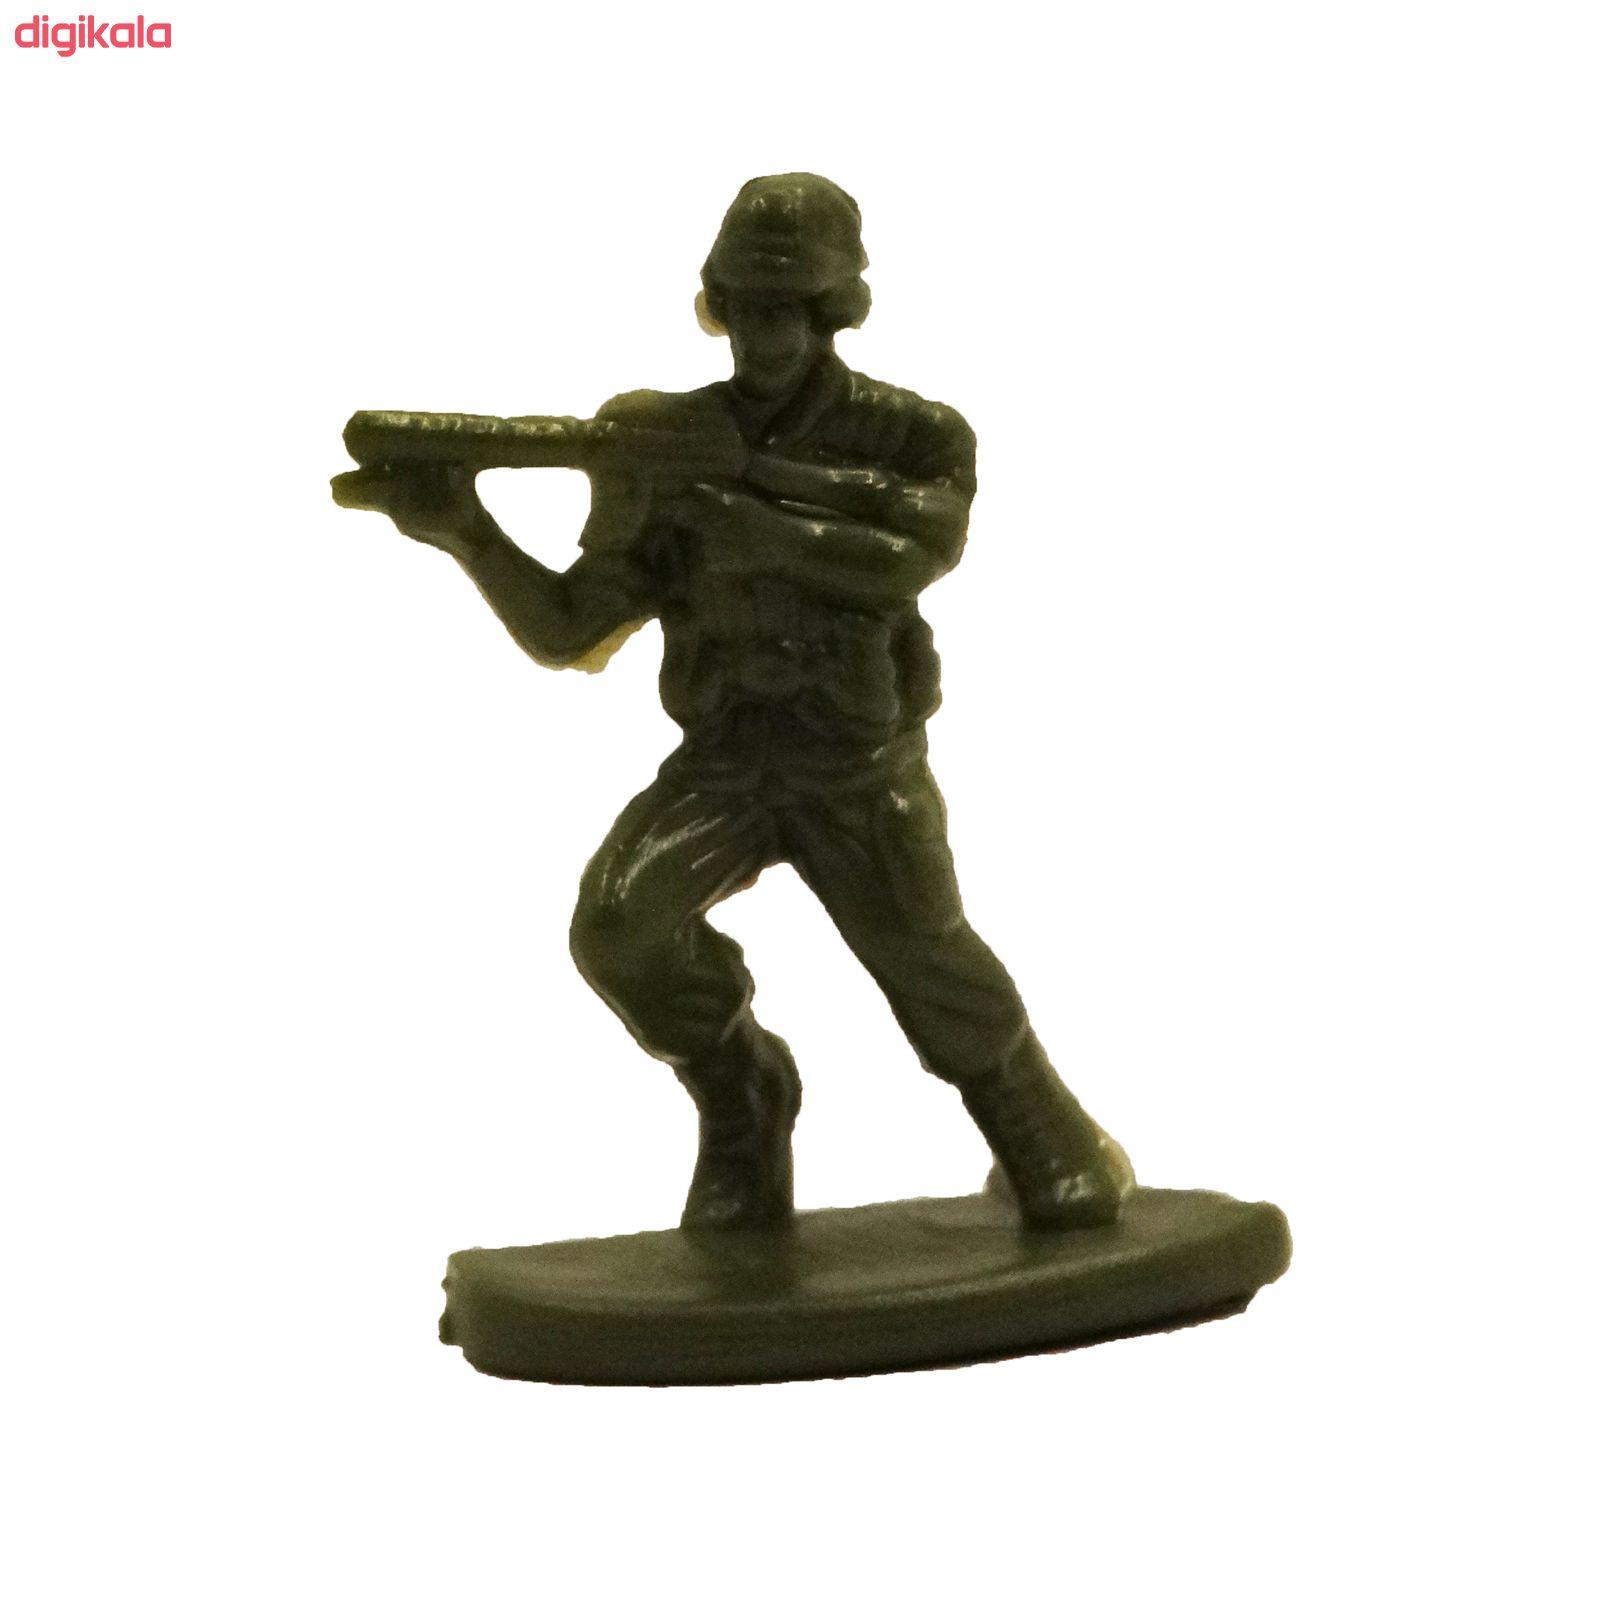 اسباب بازی جنگی مدل پادگان مجموعه 23 عددی main 1 19